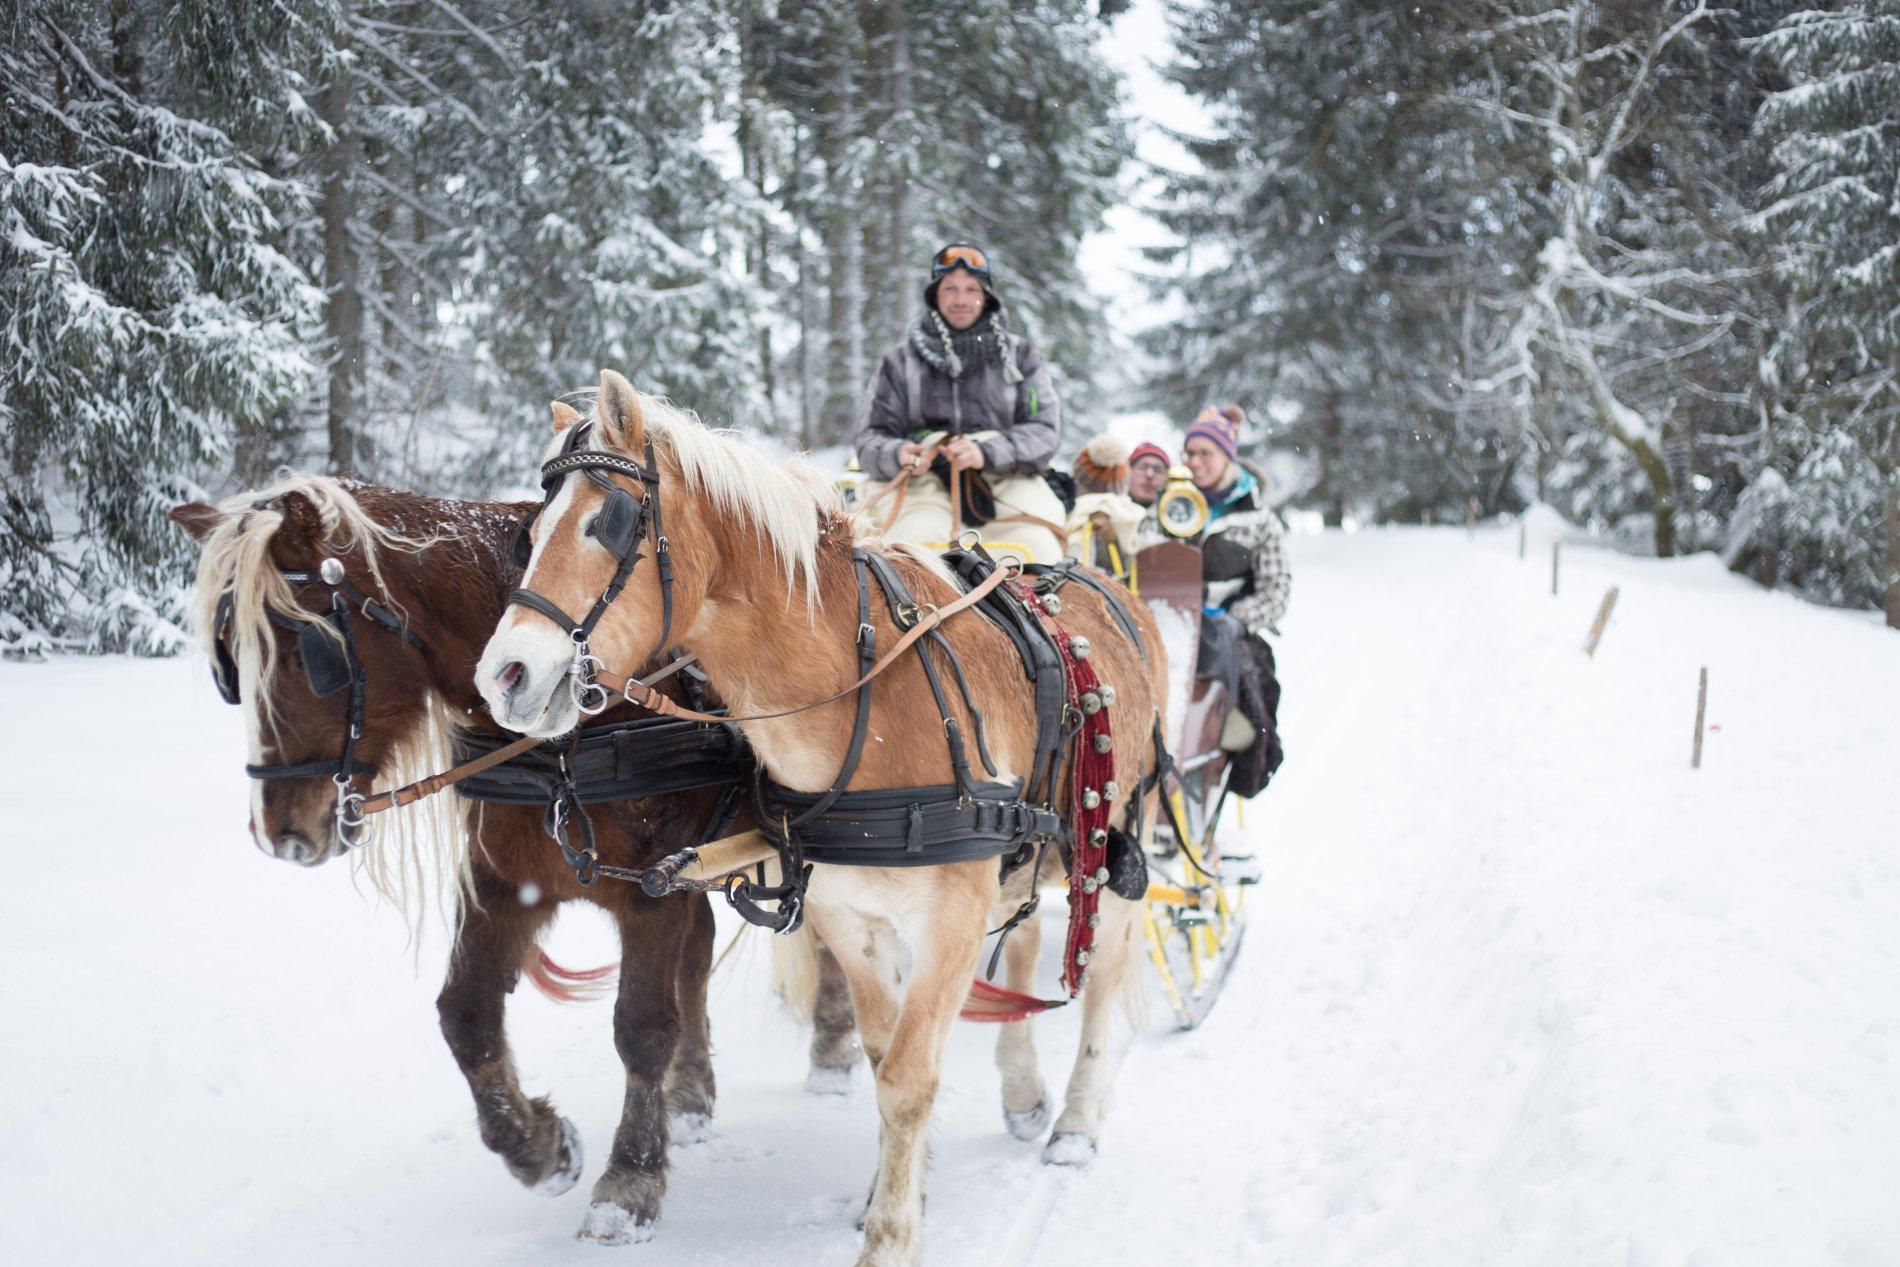 Pferdeschlittenfahrt Reinertonishof Schönwald